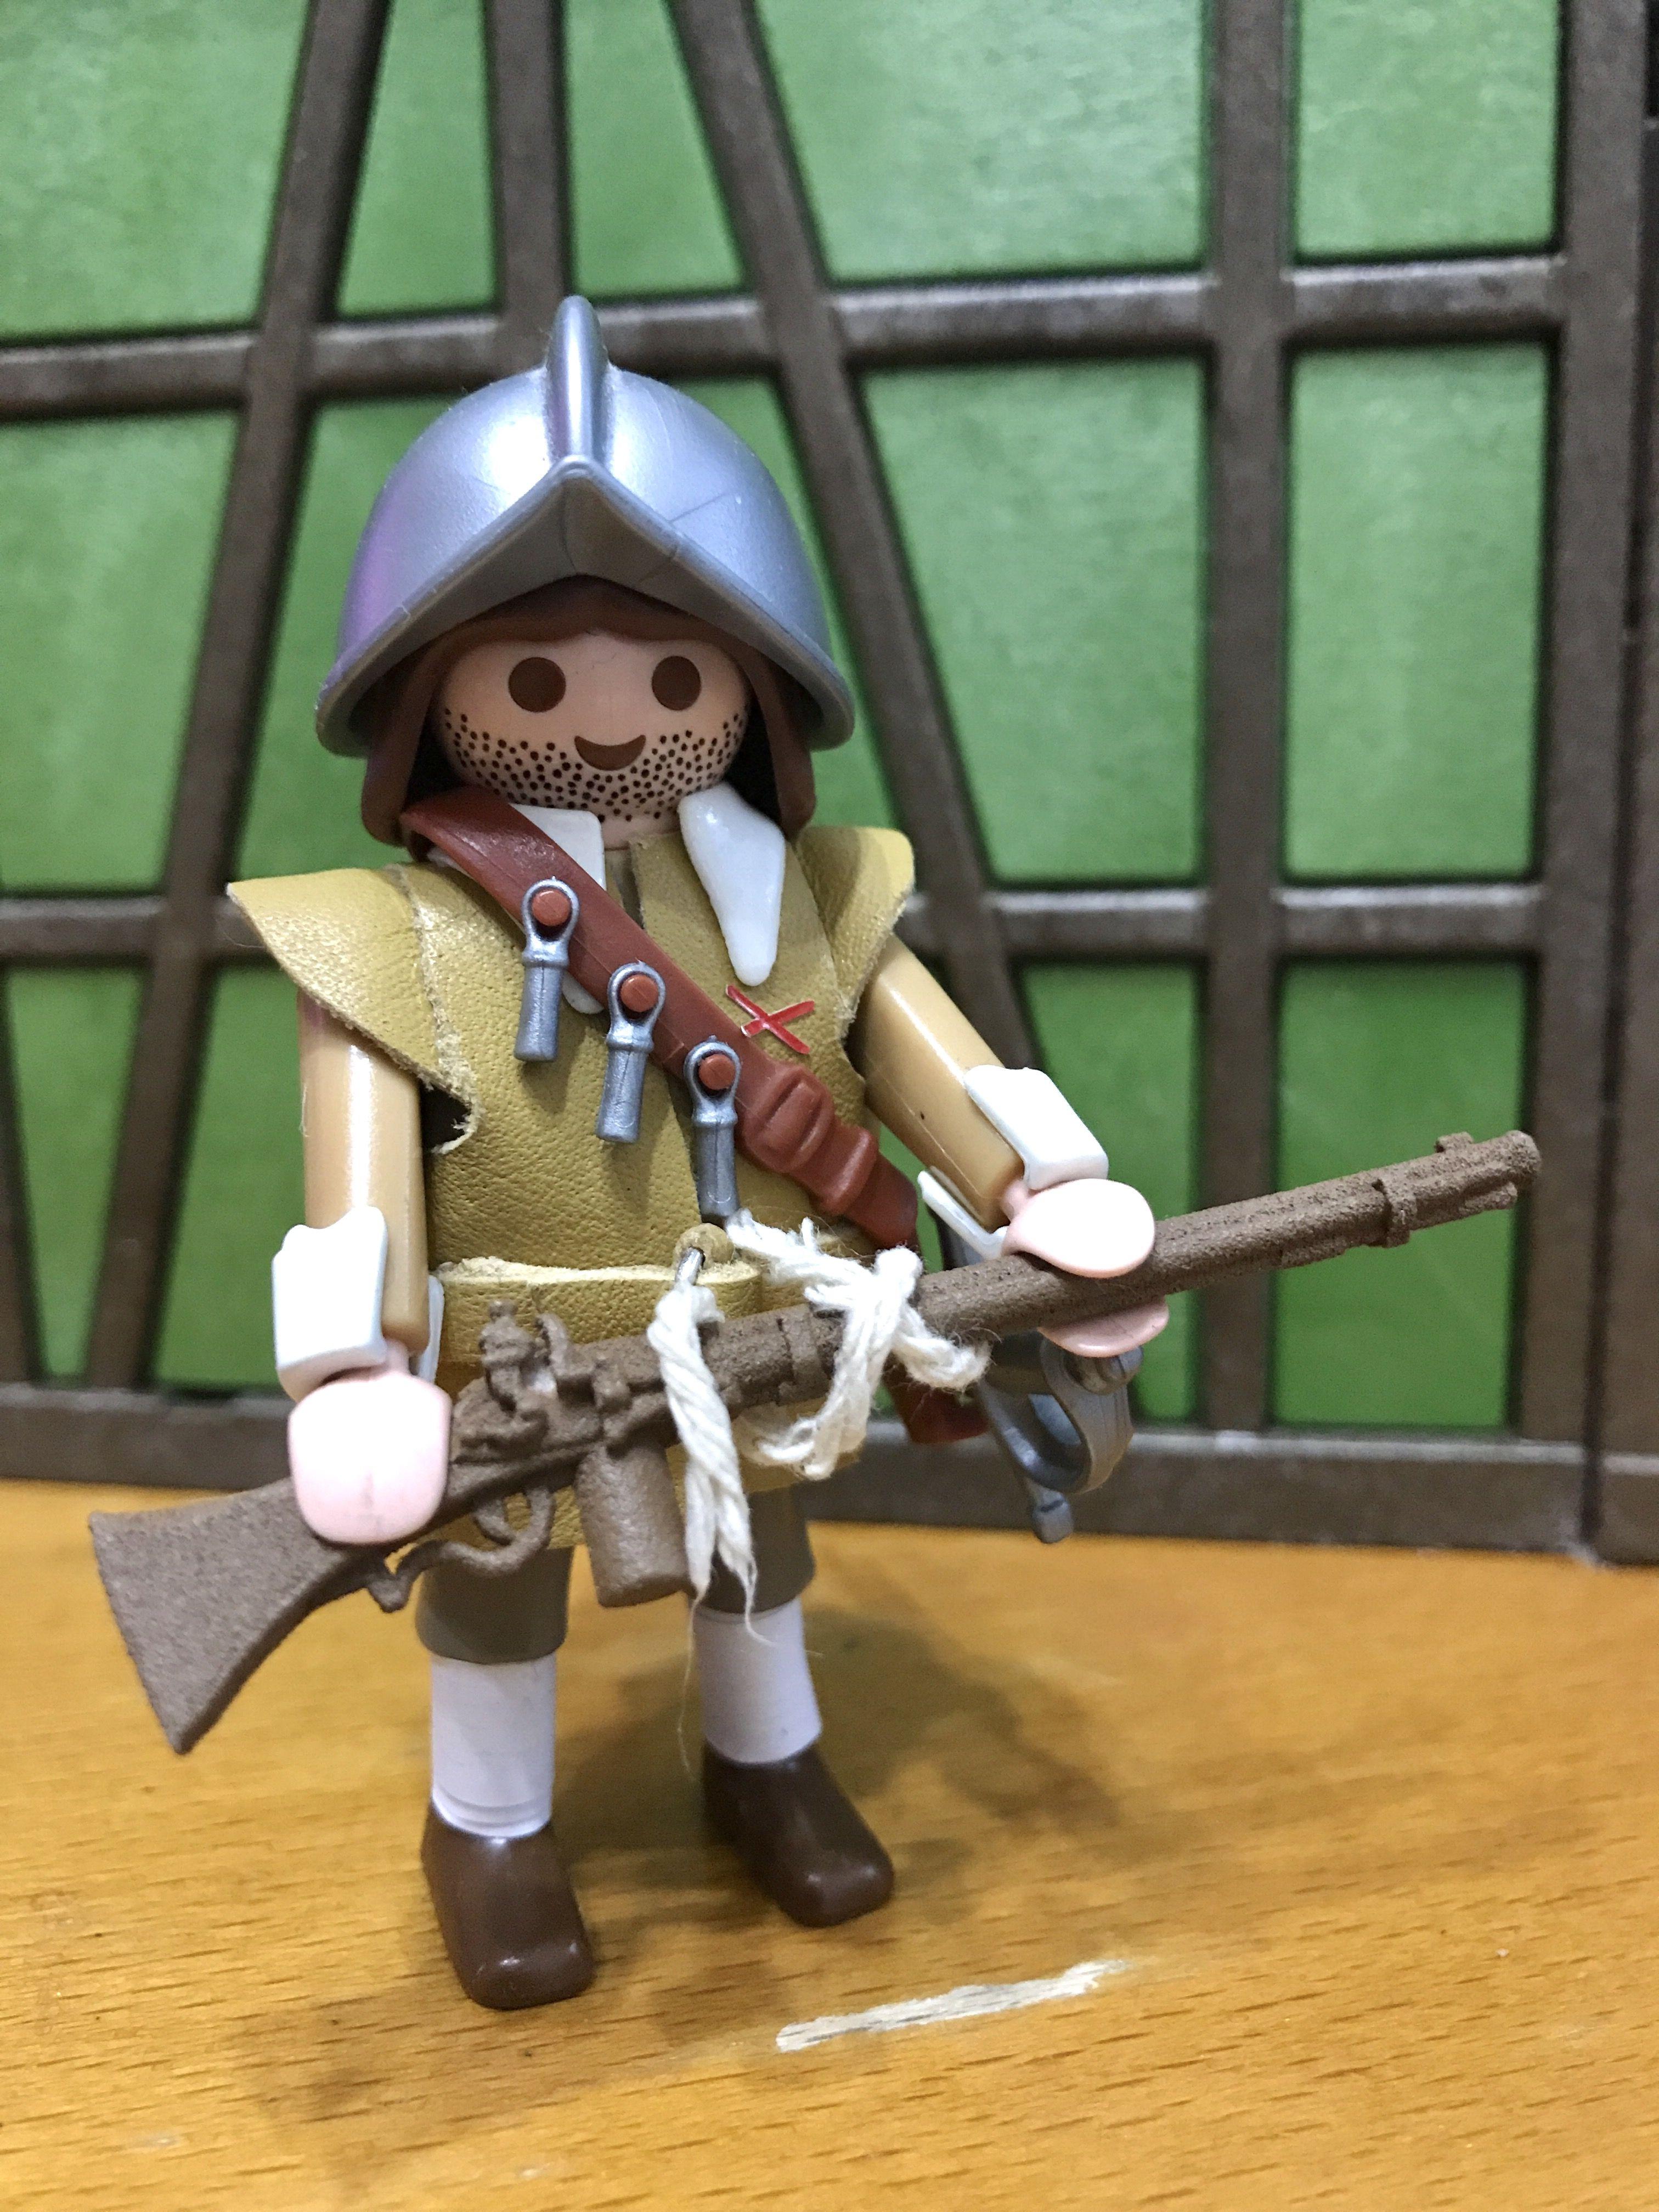 people Playmobil legs Et playmo soldiers medieval